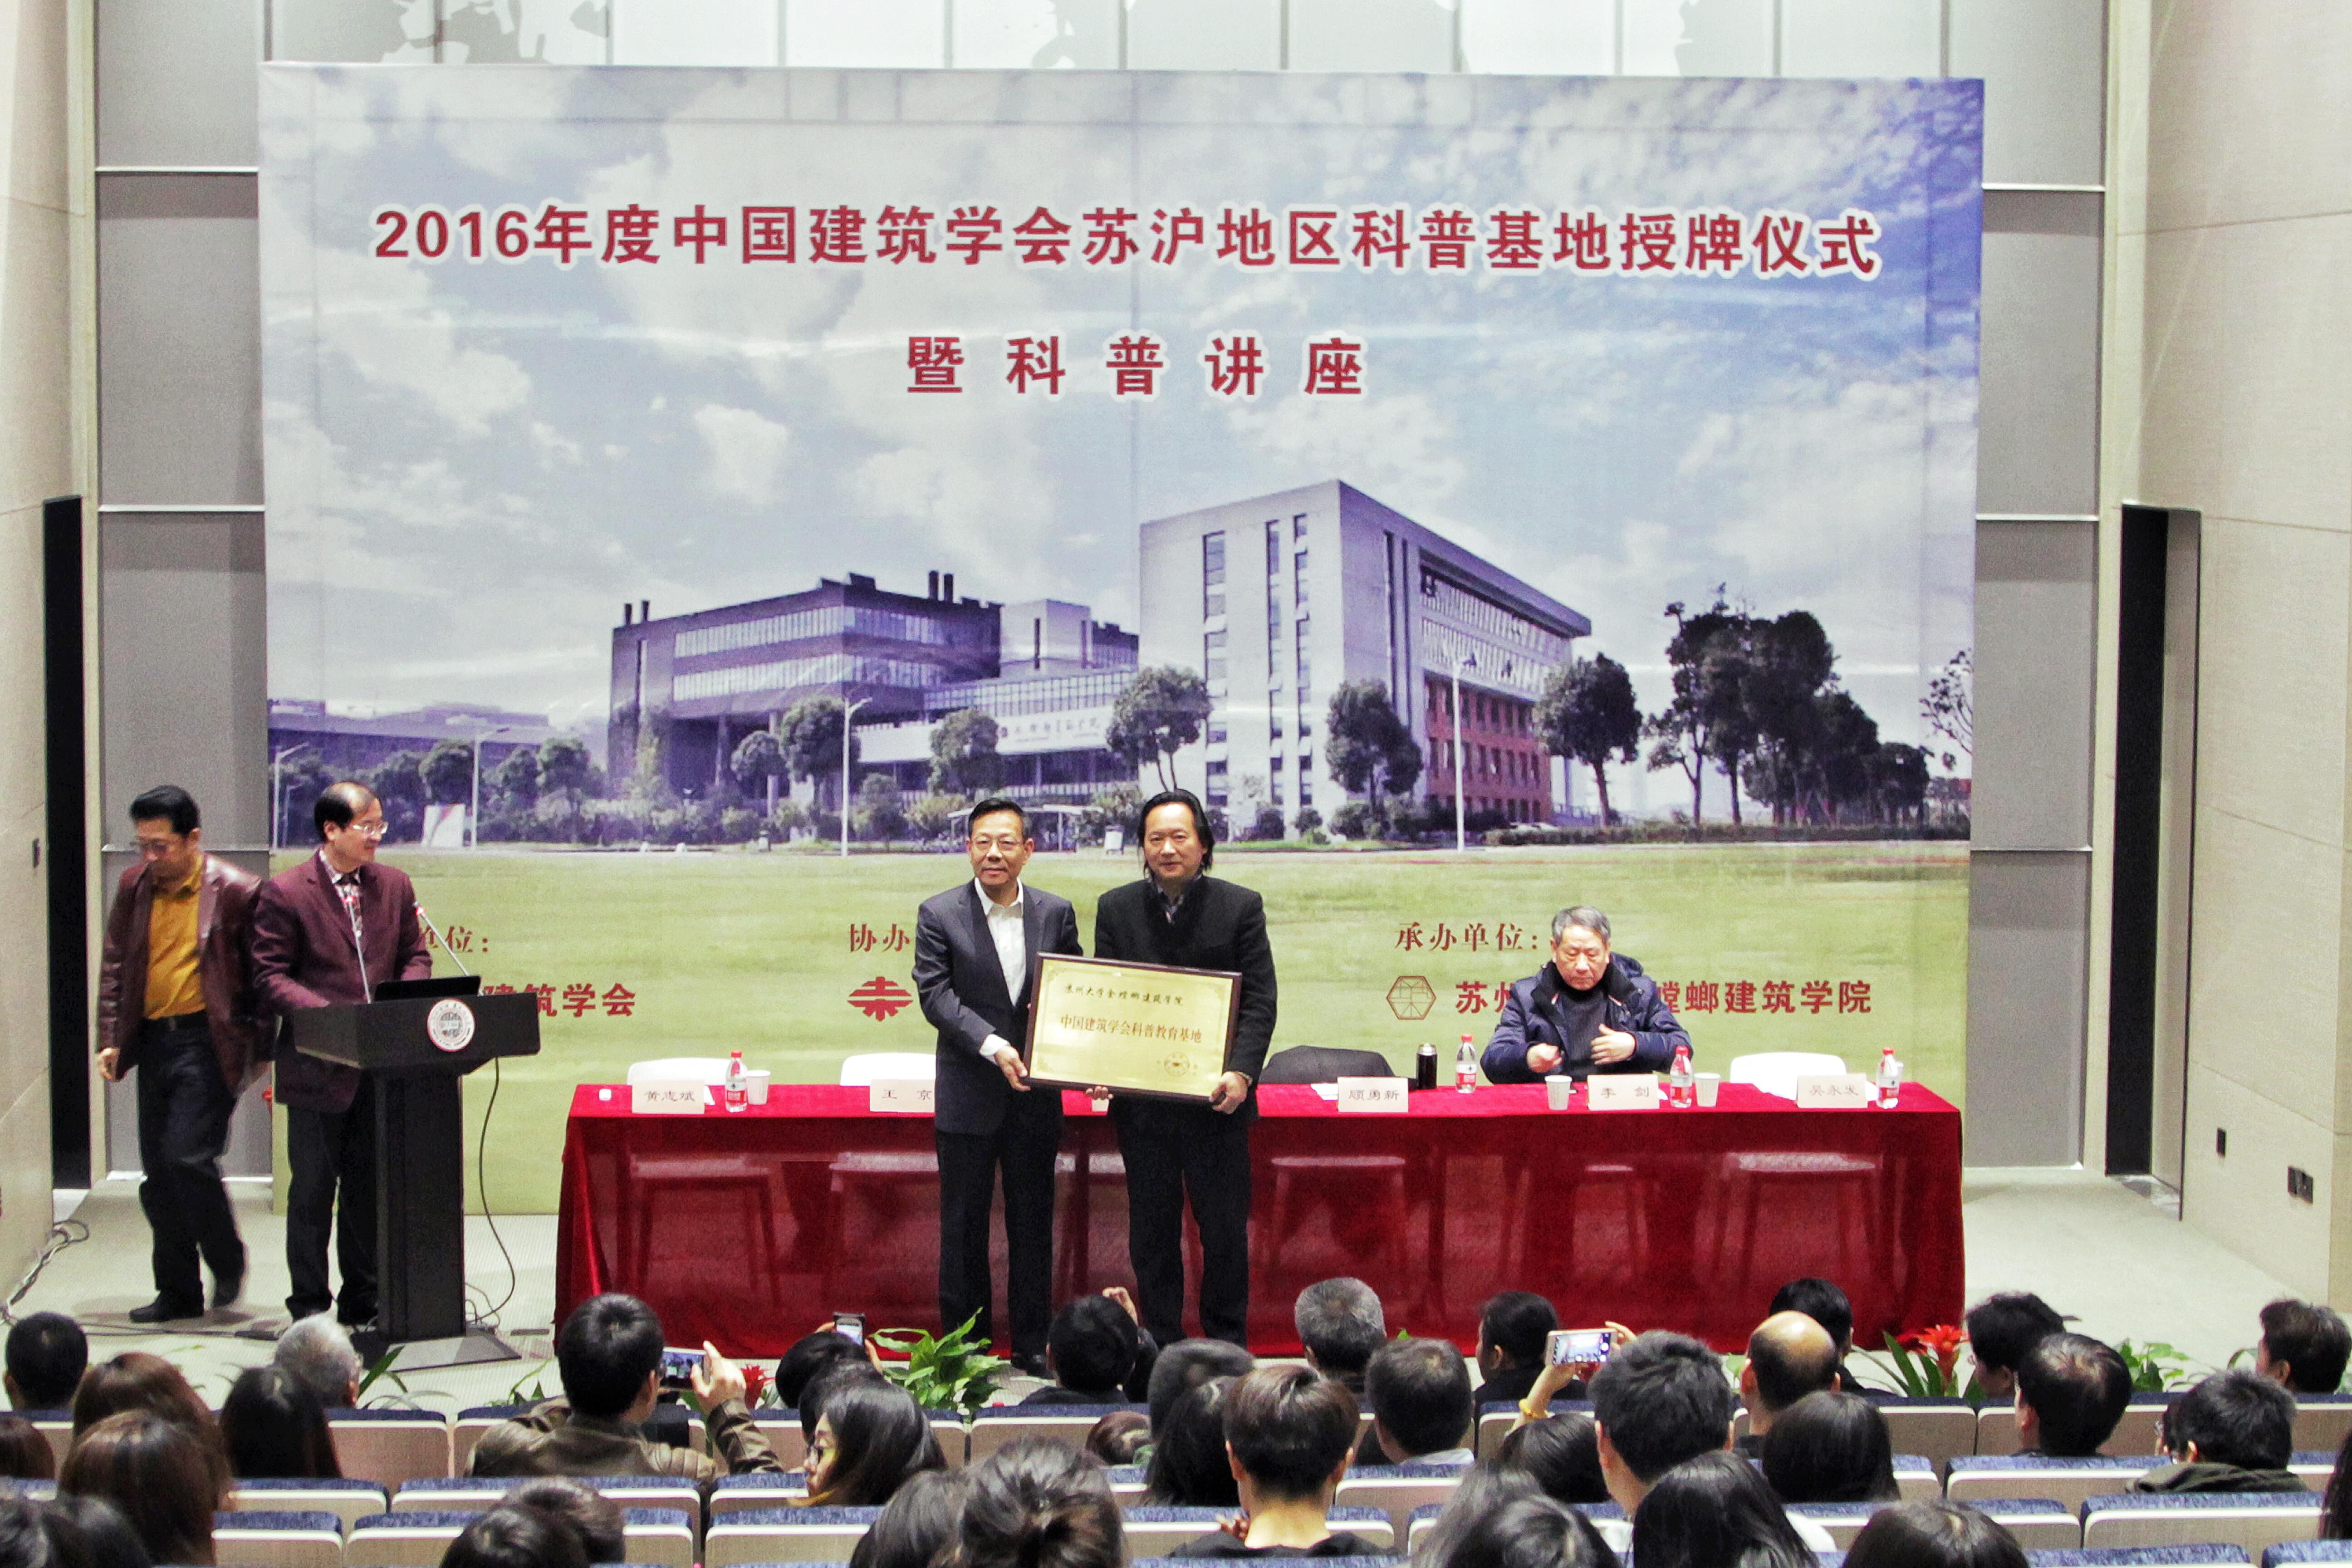 简要介绍了江苏省土木建筑学会的发展概况和科普工作的开展情况.